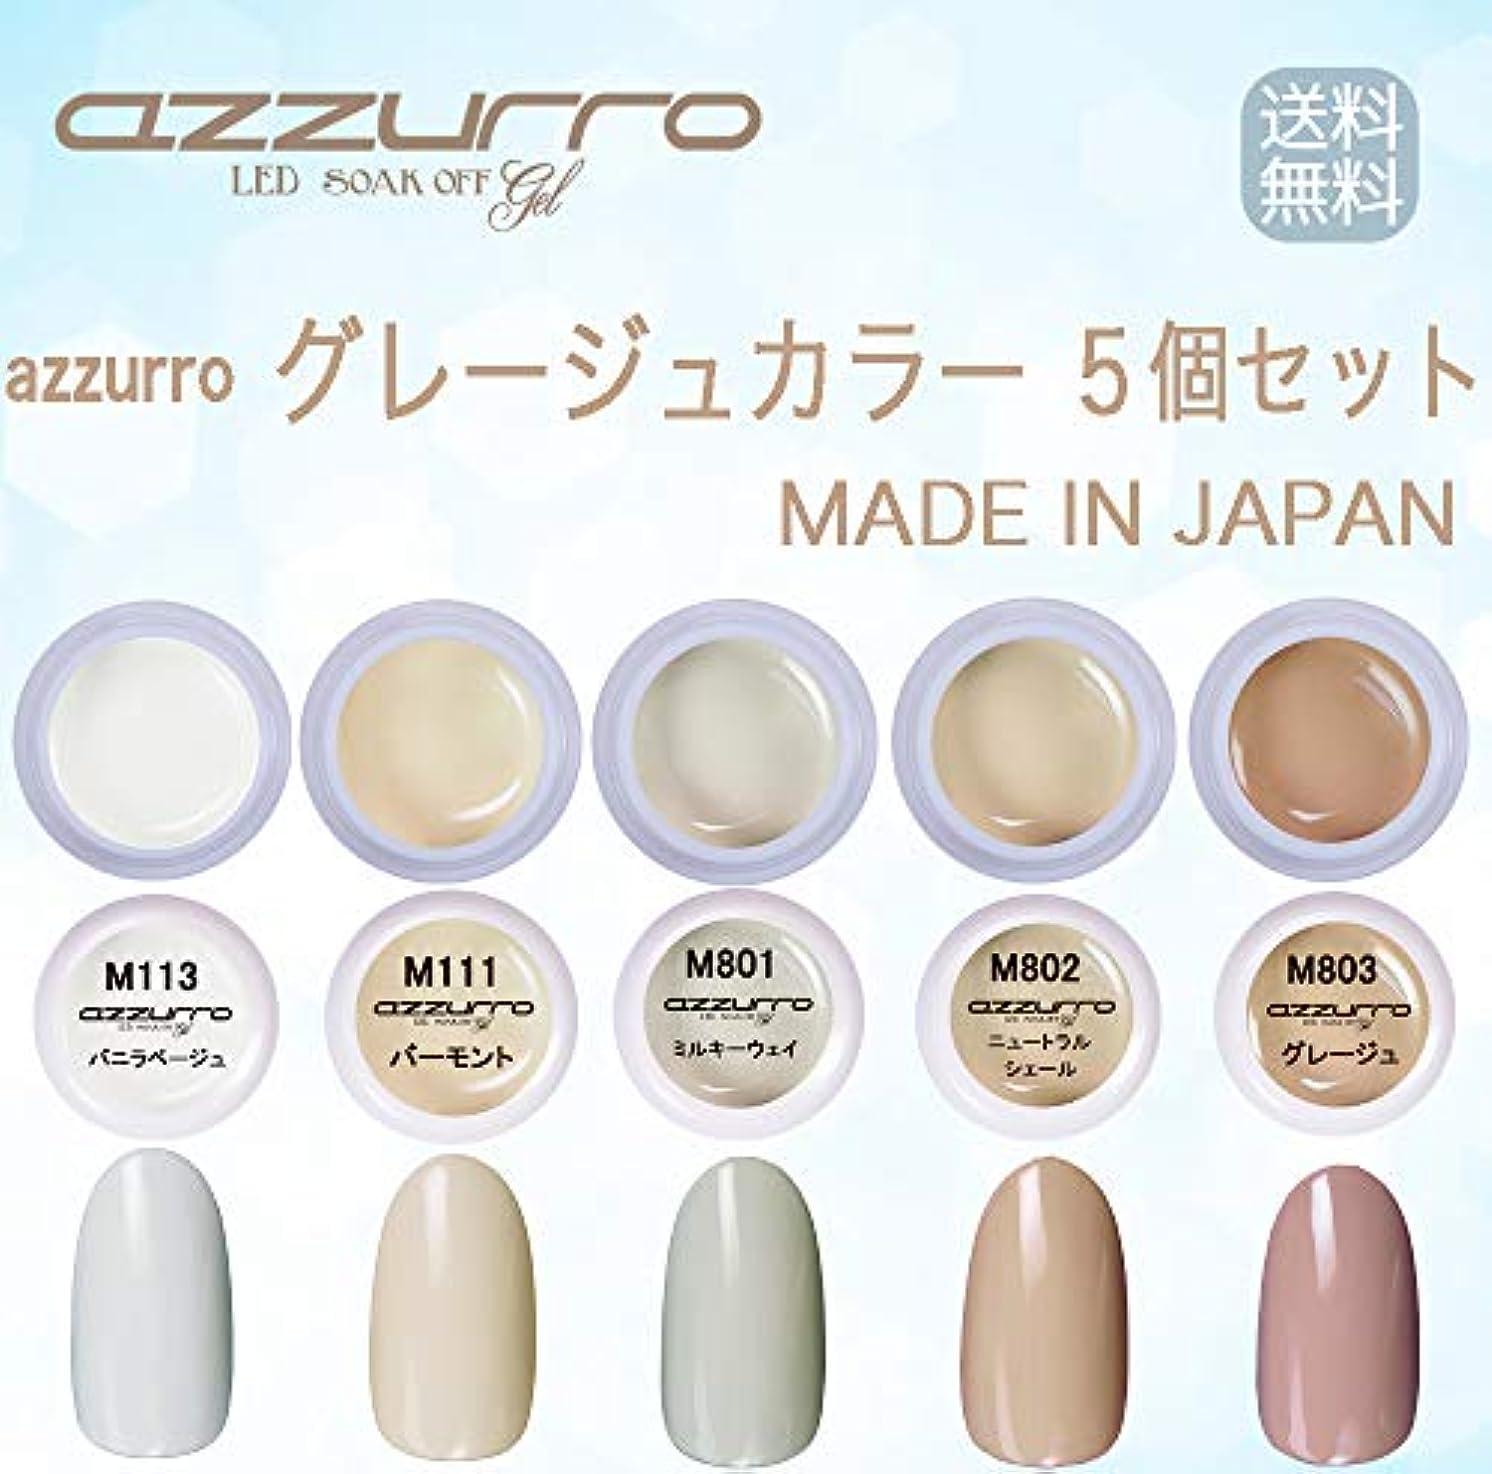 いつ流行している自信がある【送料無料】日本製 azzurro gel グレージュ カラージェル5個セット オフィスにもぴったりな上品なグレージュカラーをチョイス